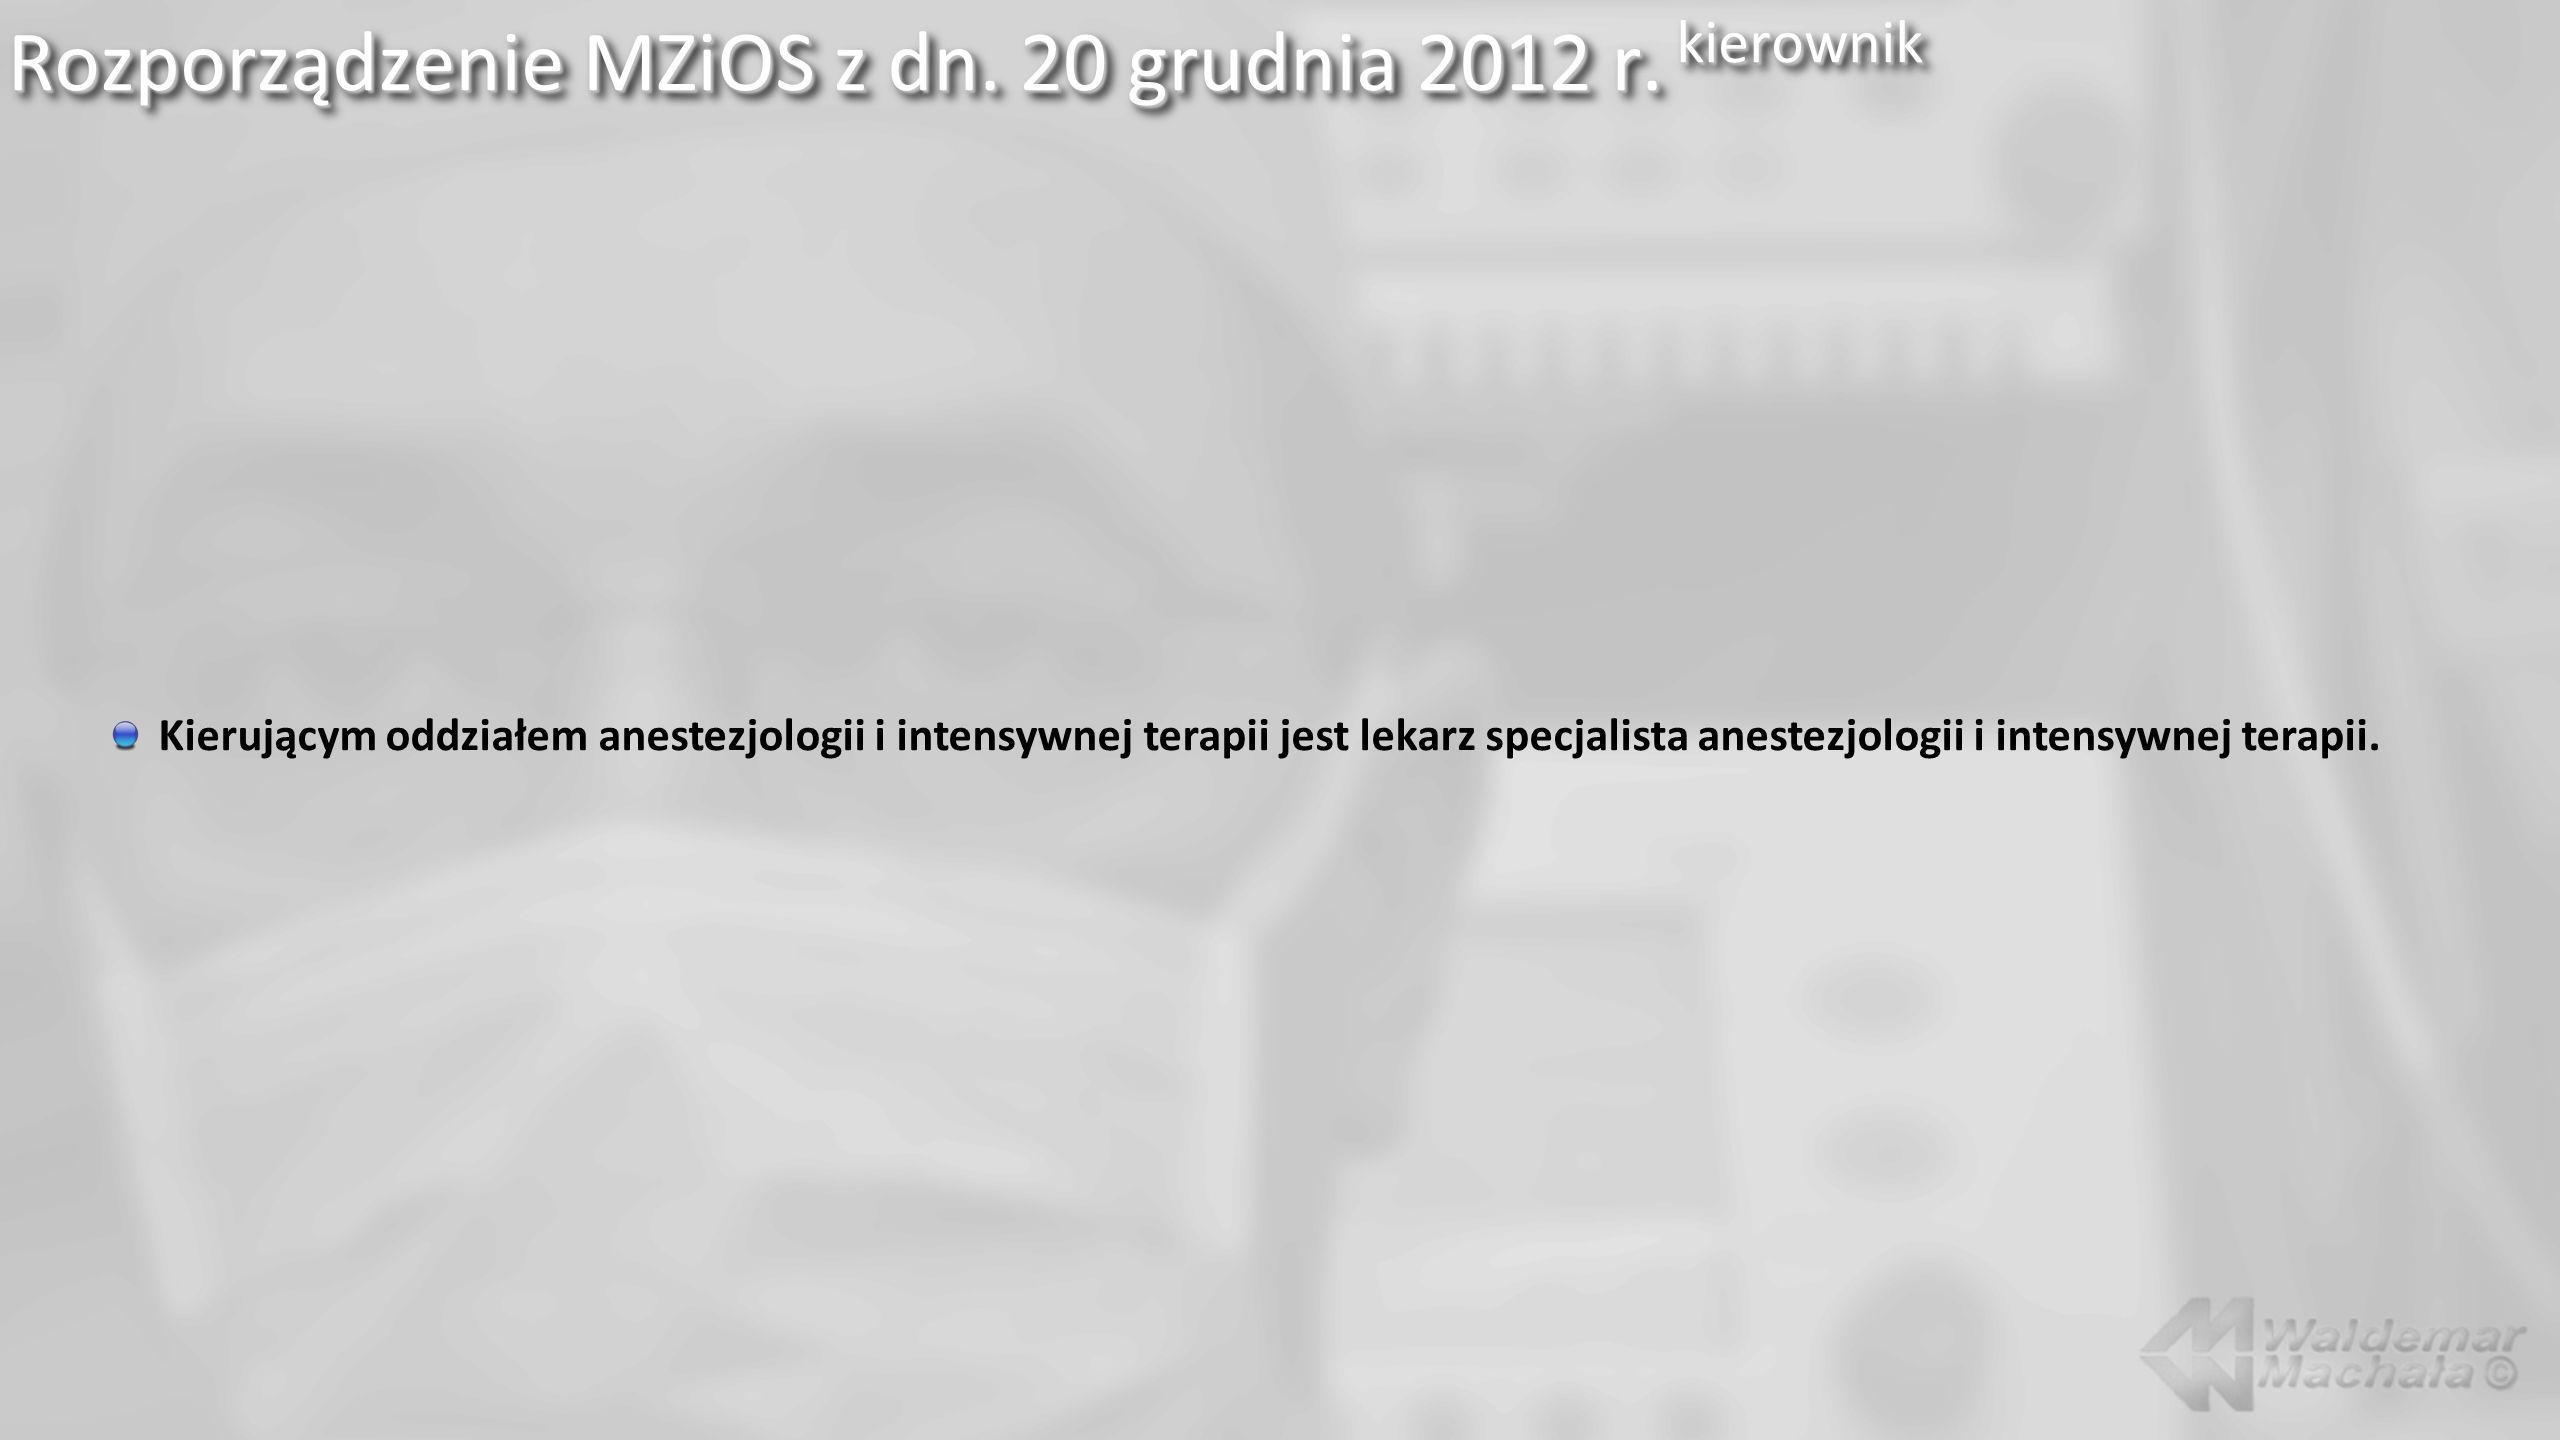 Rozporządzenie MZiOS z dn. 20 grudnia 2012 r. kierownik